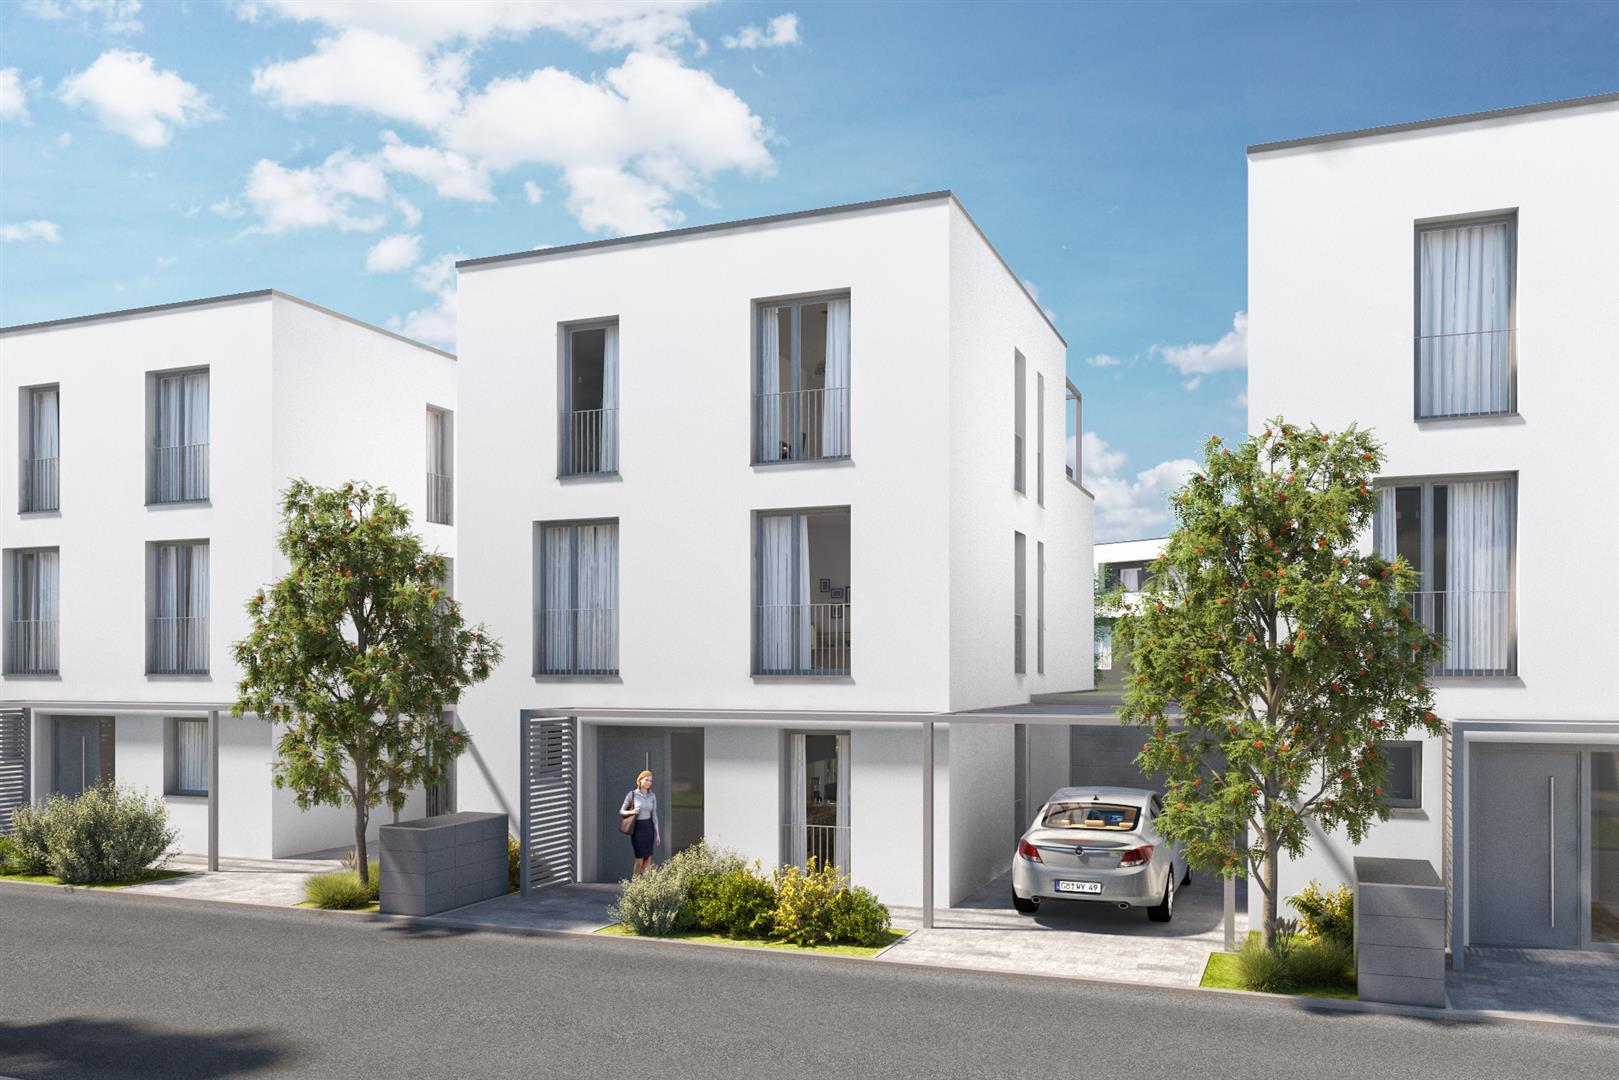 Architekten Göttingen wohnen am klosterpark bmp architekten göttingen